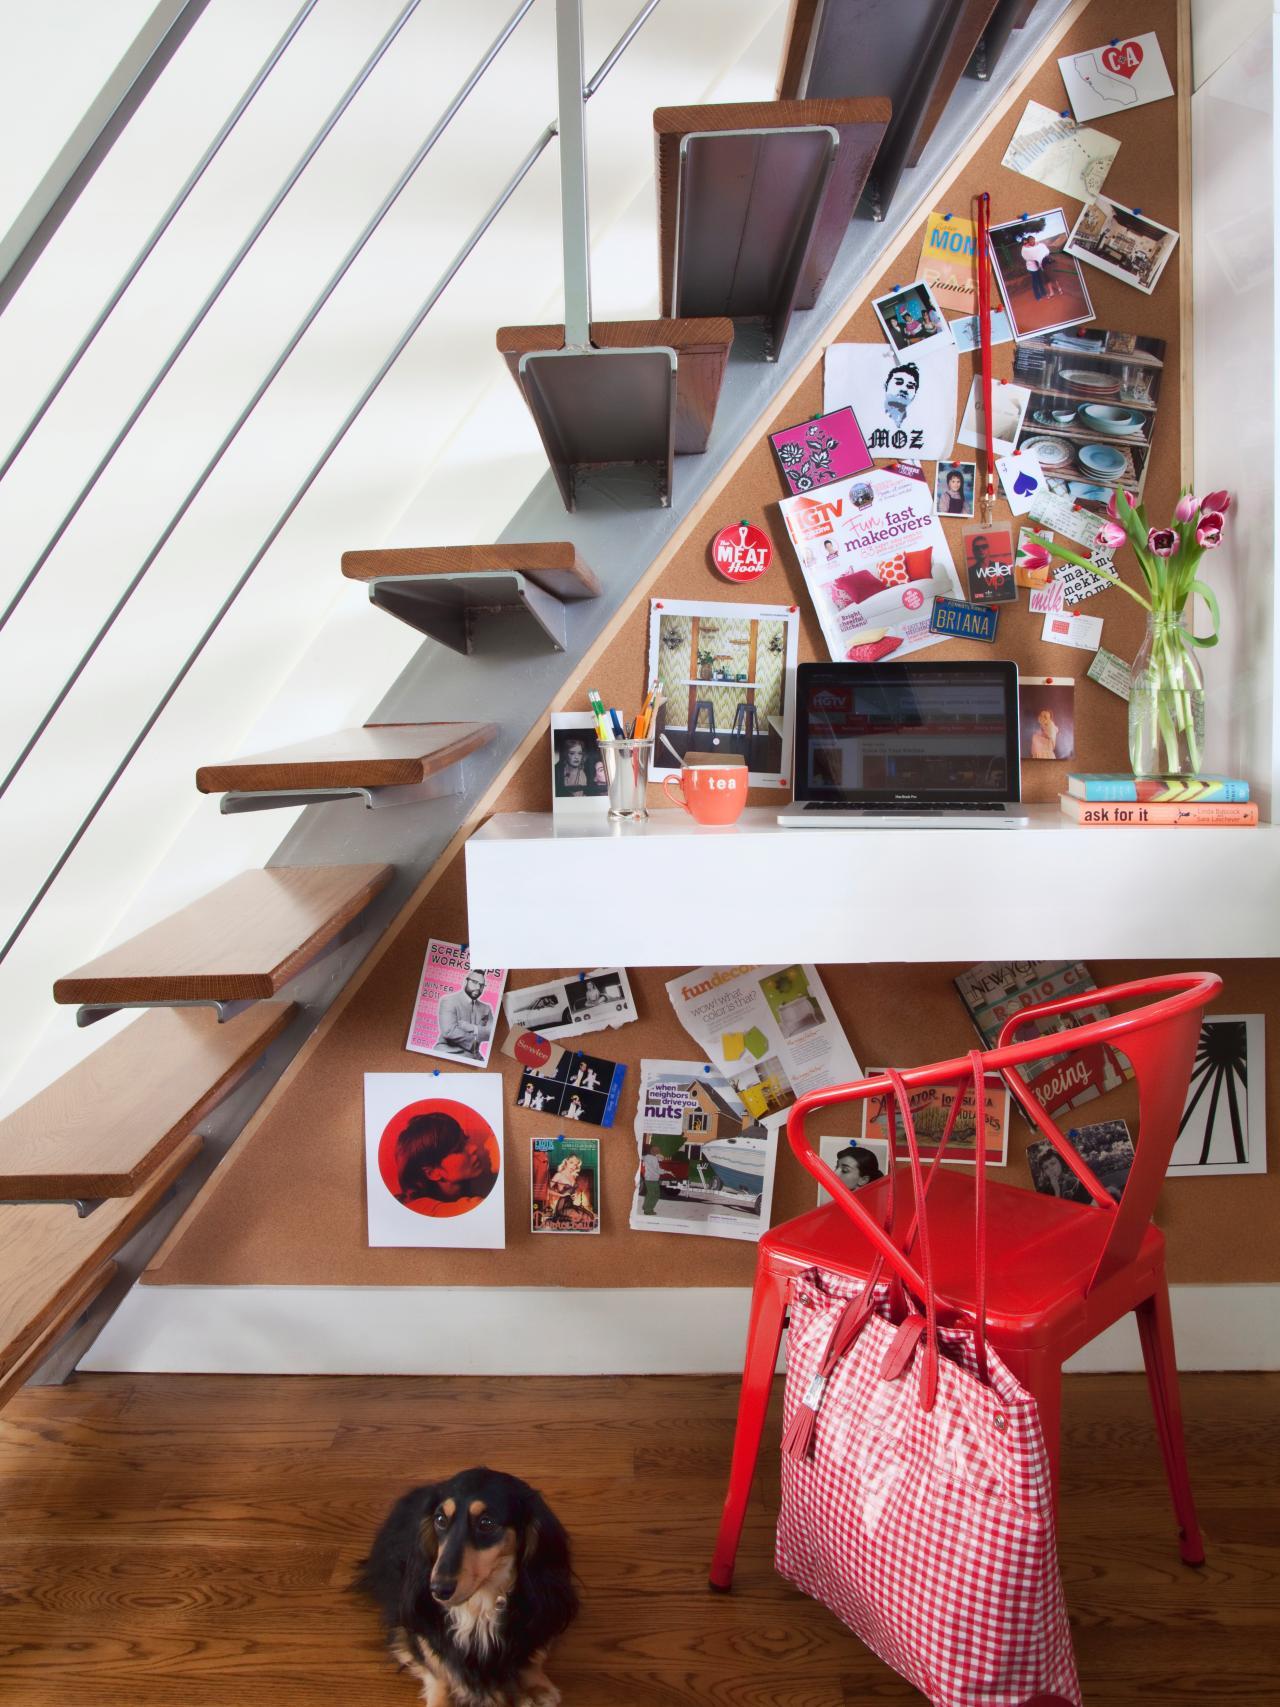 S cale partido al espacio ideas para pisos peque os - Aprovechar espacio piso pequeno ...